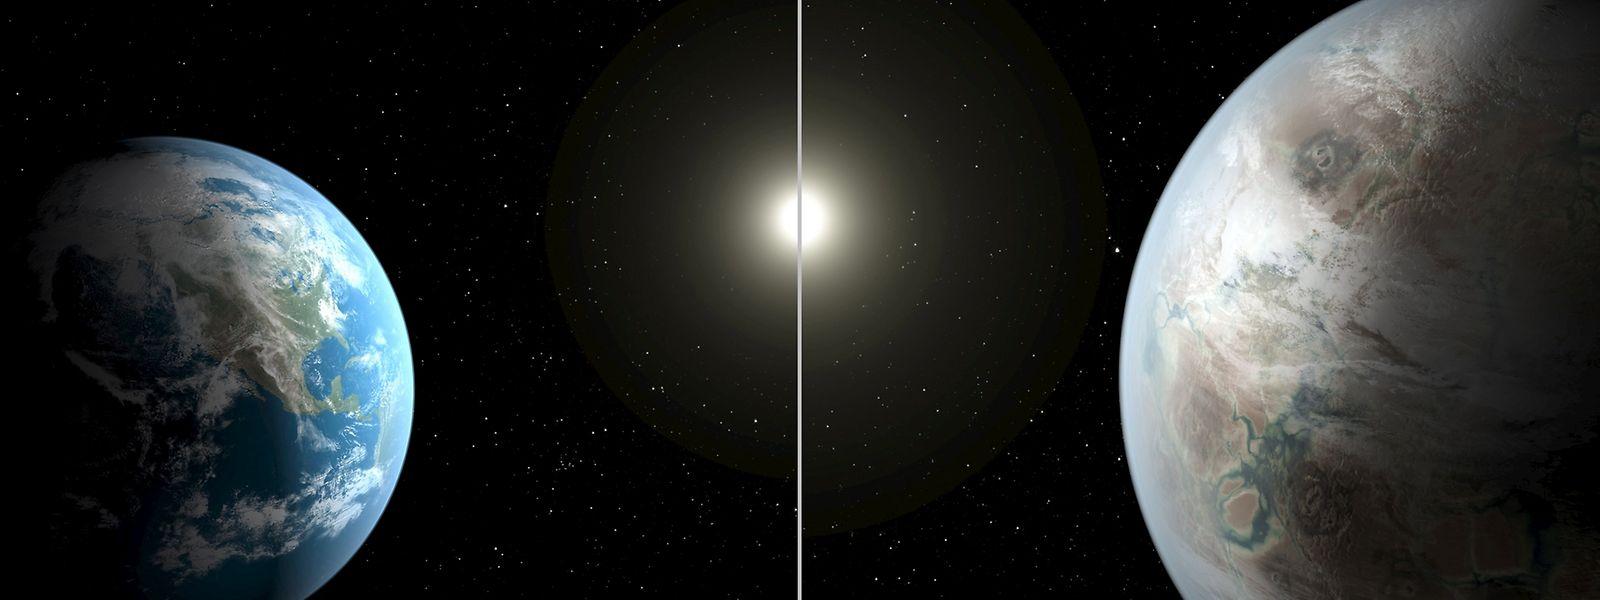 """Die Erde im  Größenvergleich zu ihrem """"Cousin"""" Kepler-452b. Der Planet ist 1400 Lichtjahre von unserem Sonnensystem entfernt."""